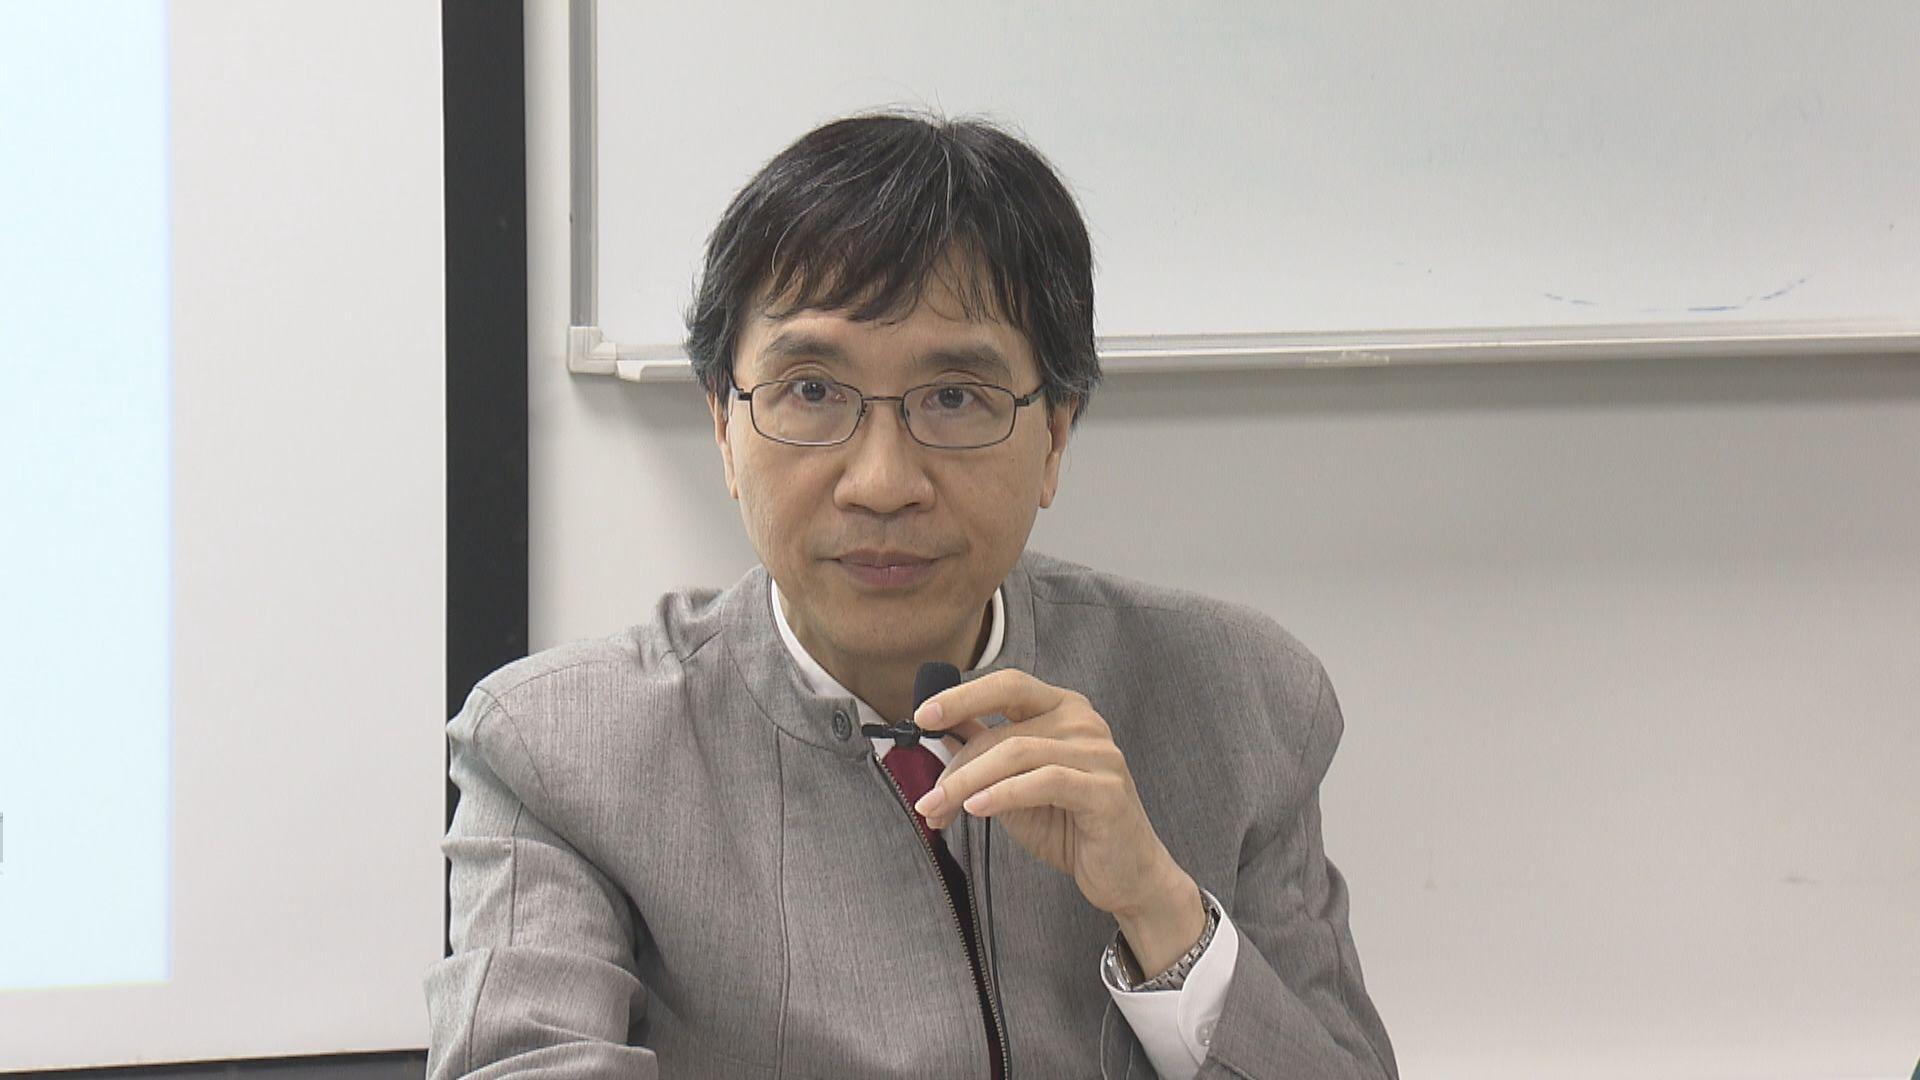 袁國勇:新型冠狀病毒無辦法截斷傳播鏈